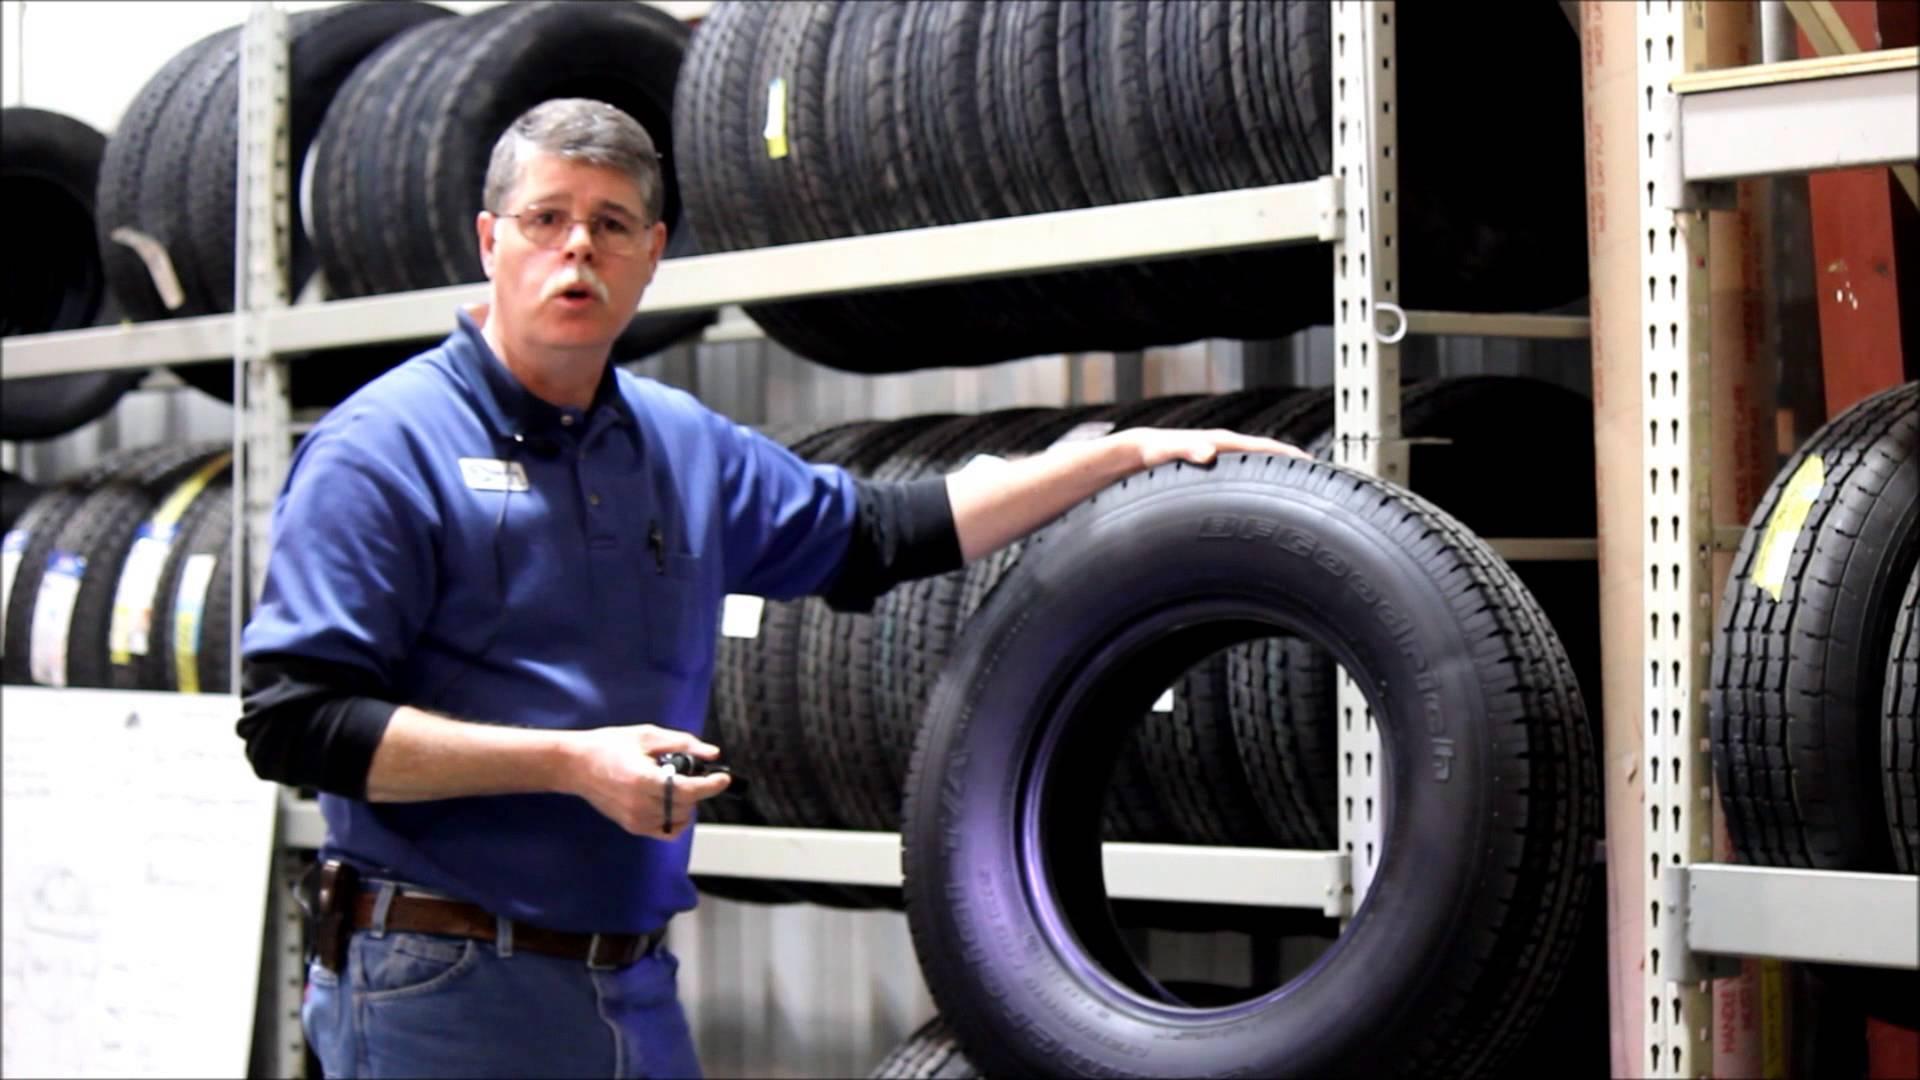 Trailer Tires, ST Tires vs LT Tires vs Passenger Car Tires ~ The Right Tires for your Trailer